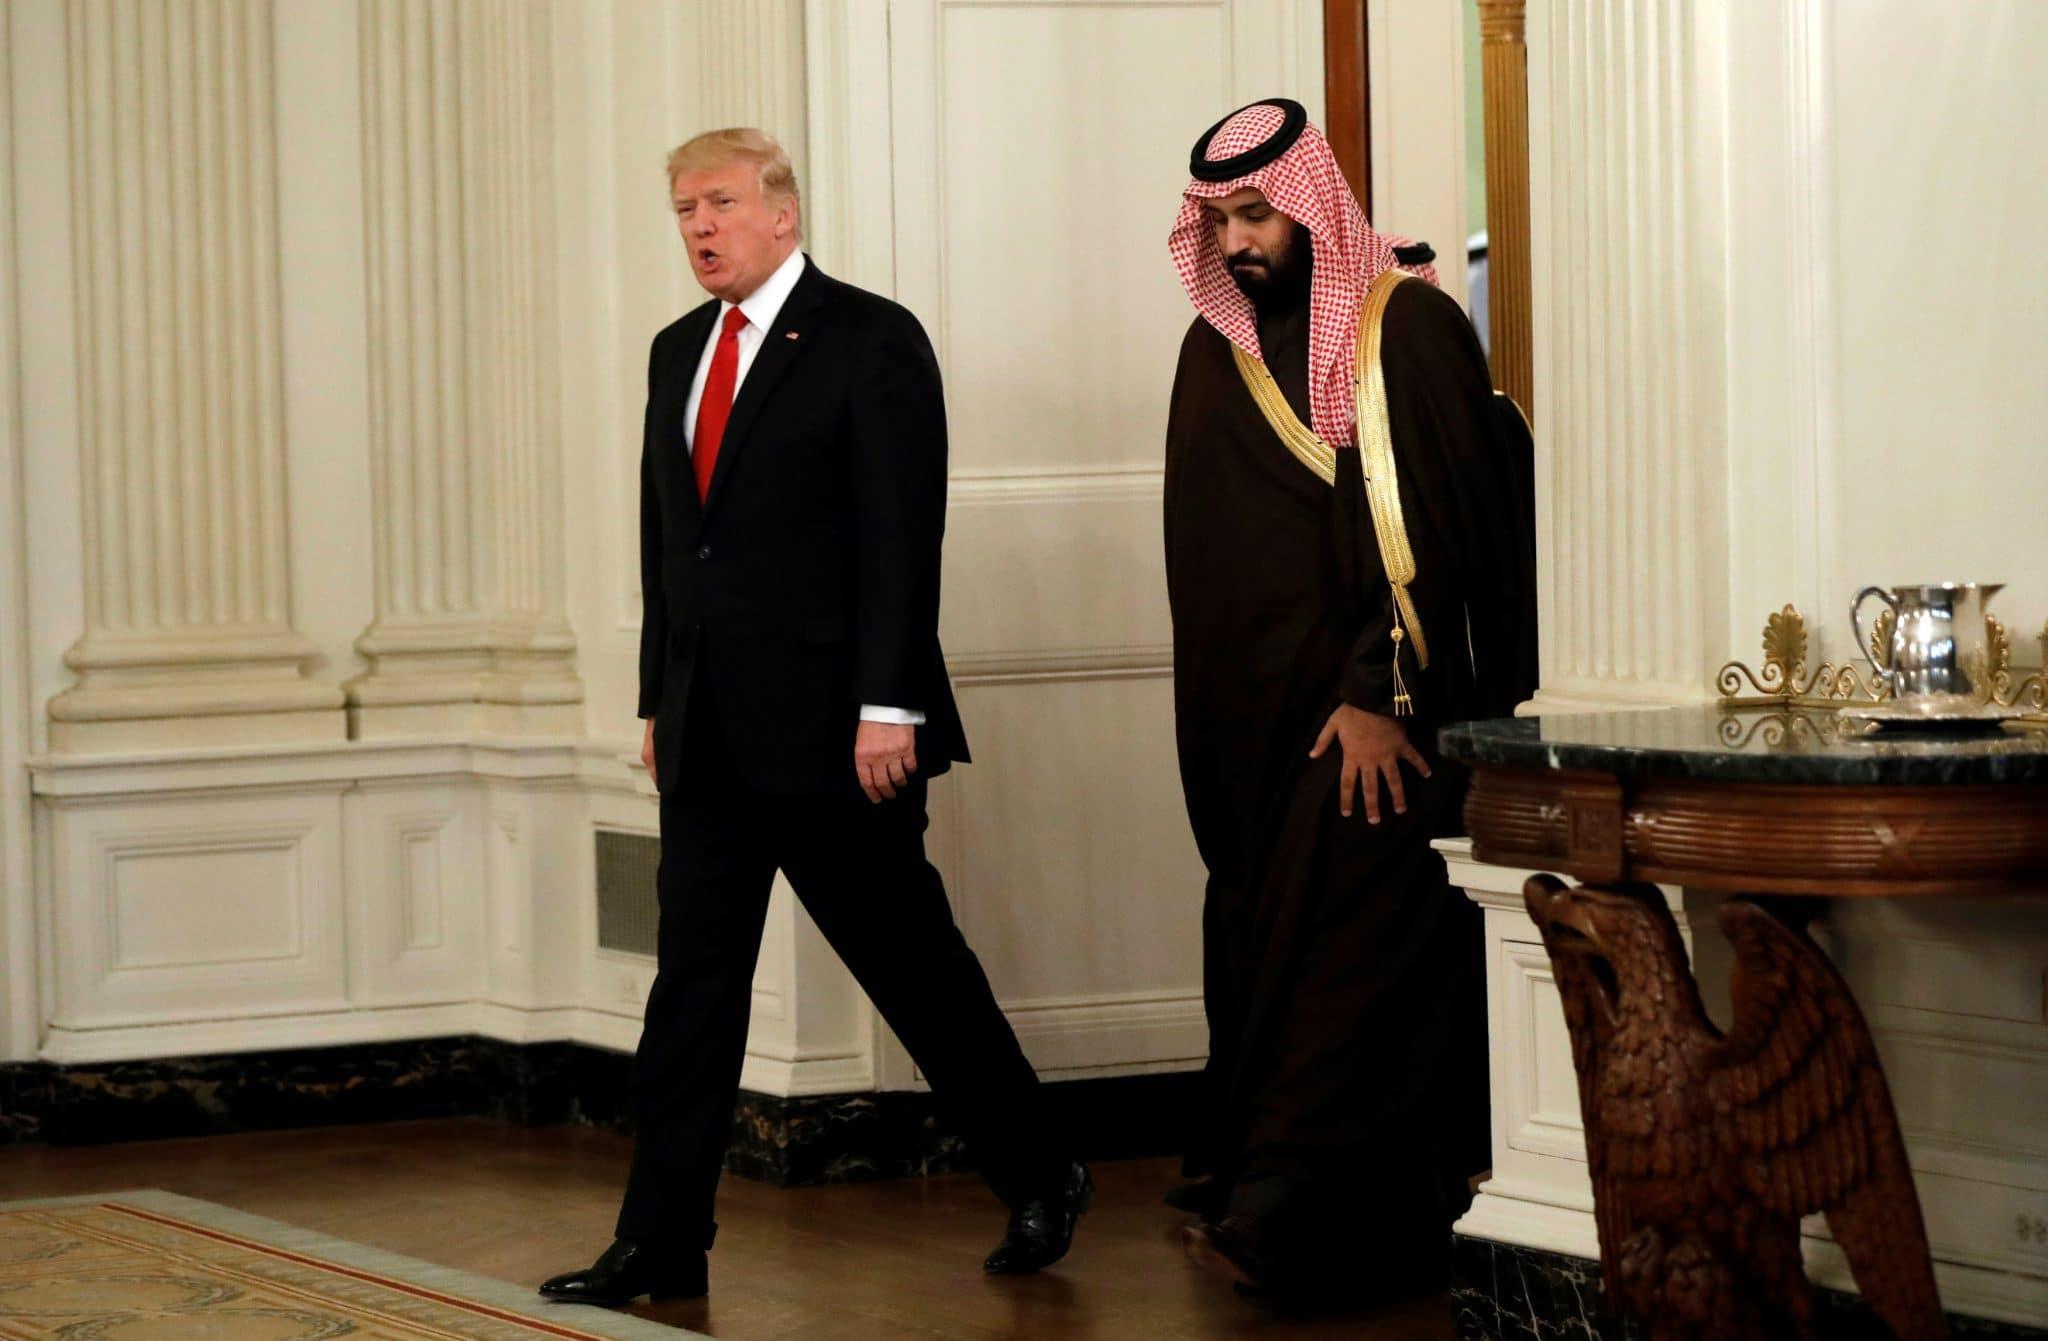 محمد بن سلمان آلة يحركها ترامب بالإهانات!